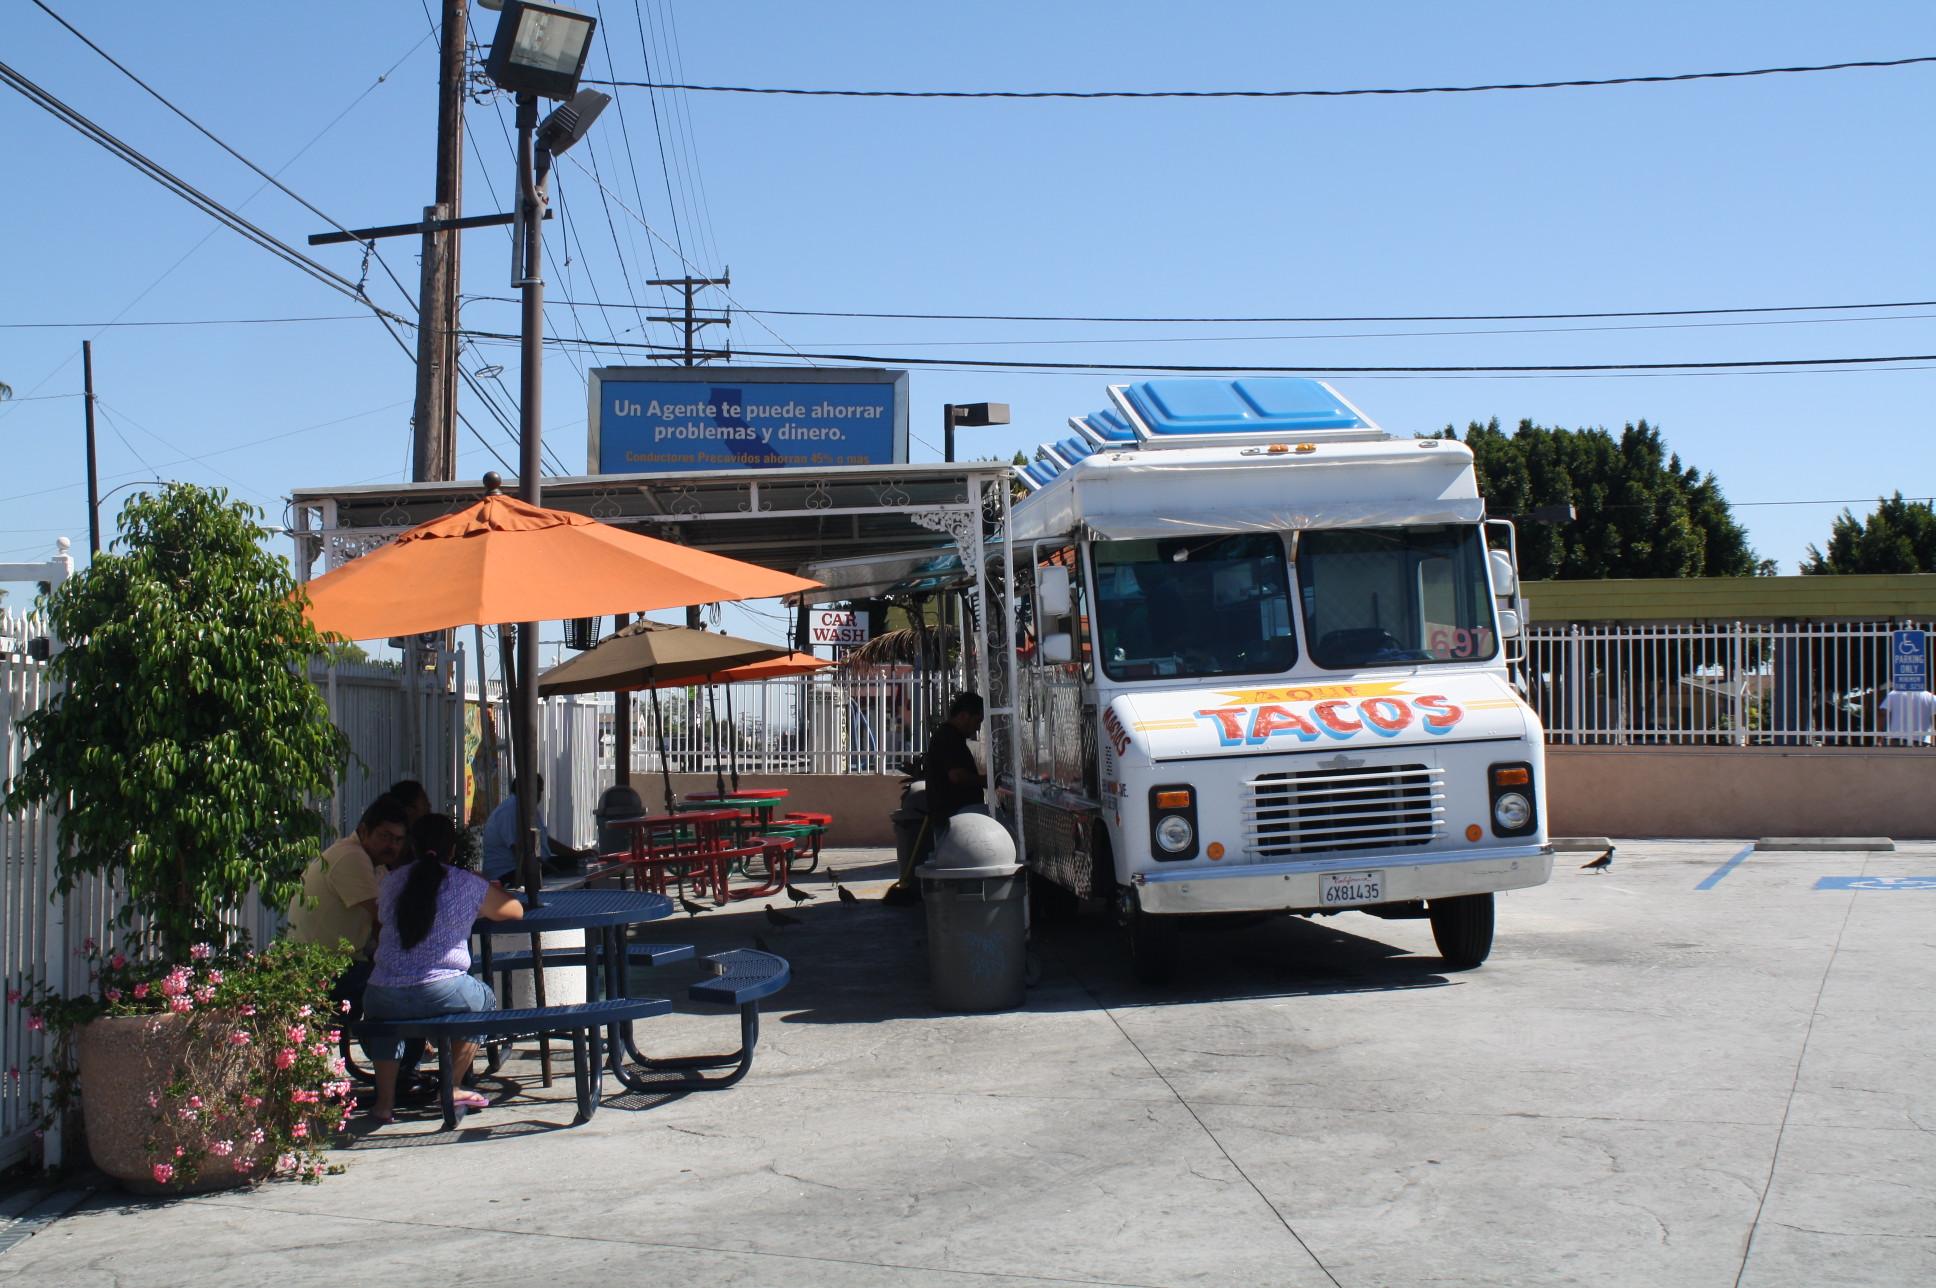 La camioneta de comida es para las personas que van de prisa  (Foto Agustín Durán/El Pasajero)